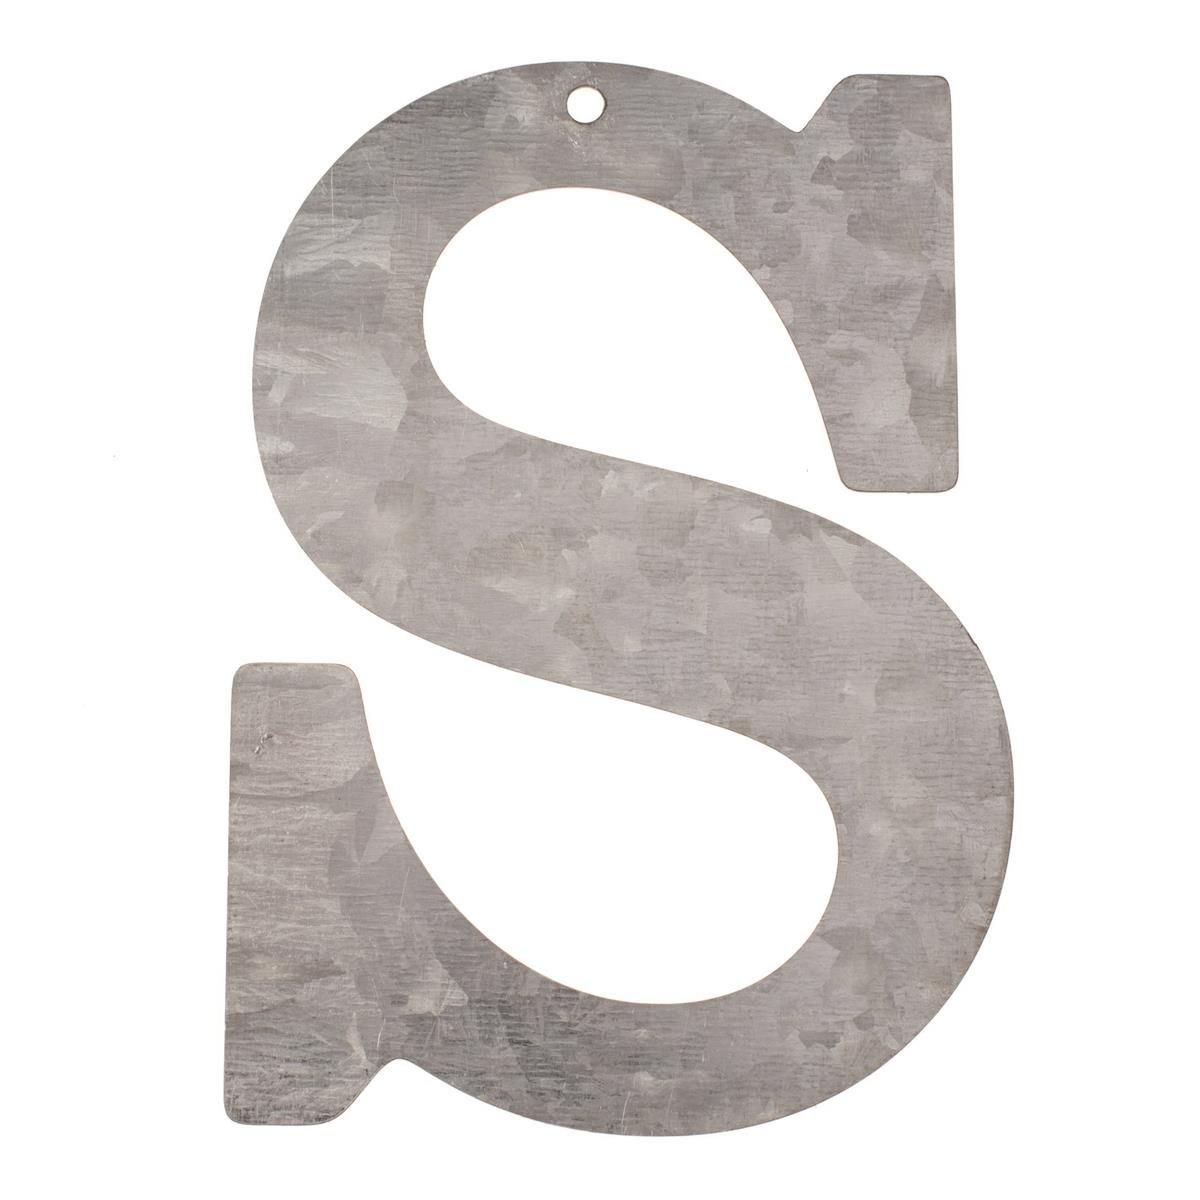 GLOREX Buchstabe verzinkt S Silber 18 x 16 x 0.5 cm Metall